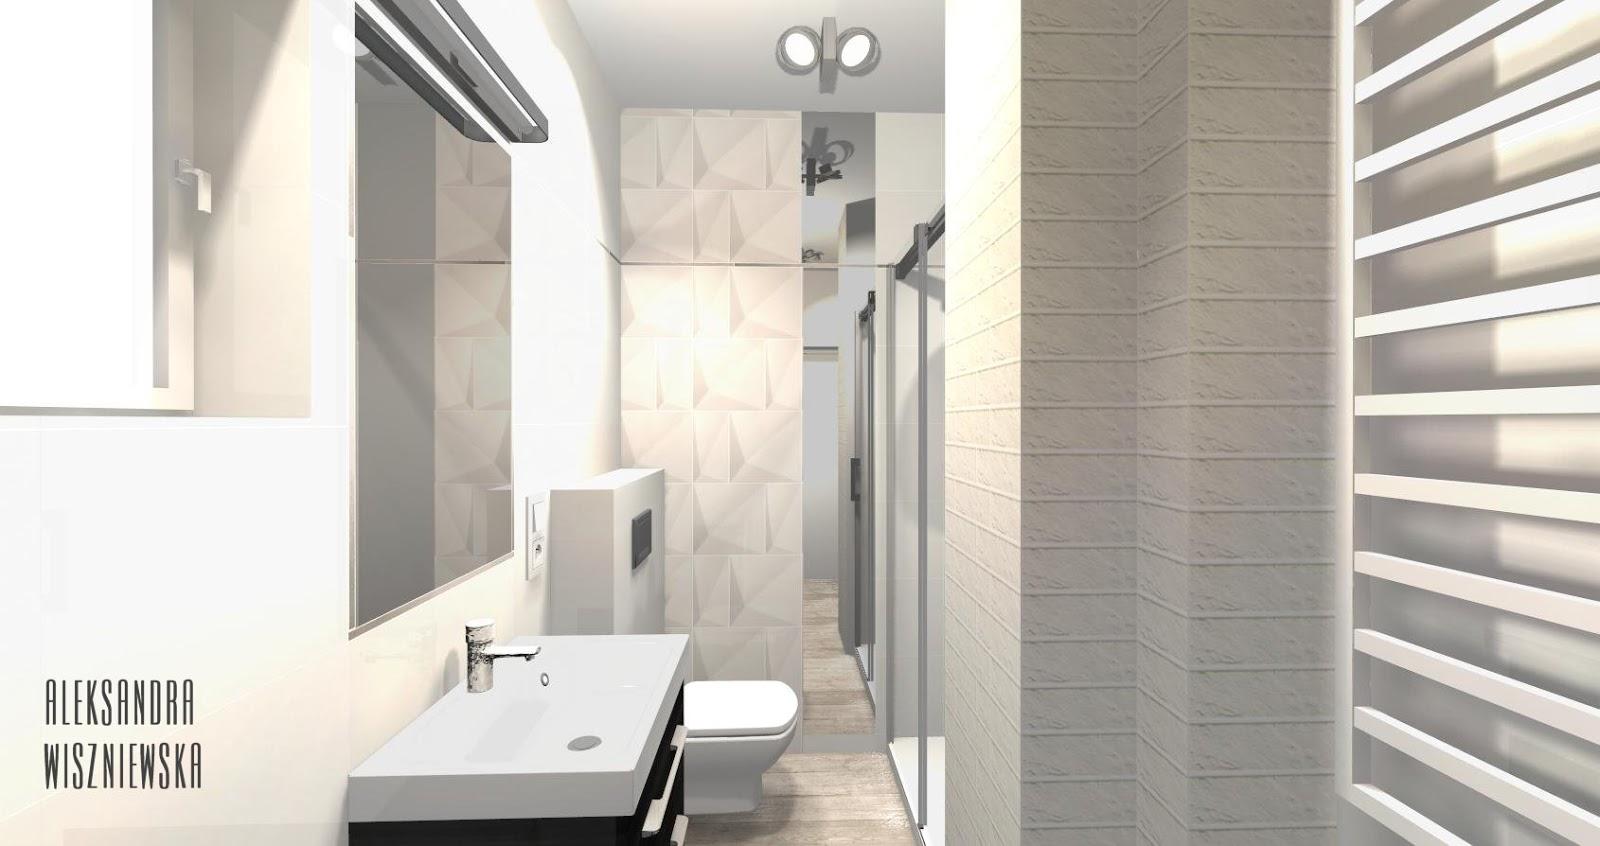 Projekty łazienek Wizualizacje Zień Tegel Tubądzin All